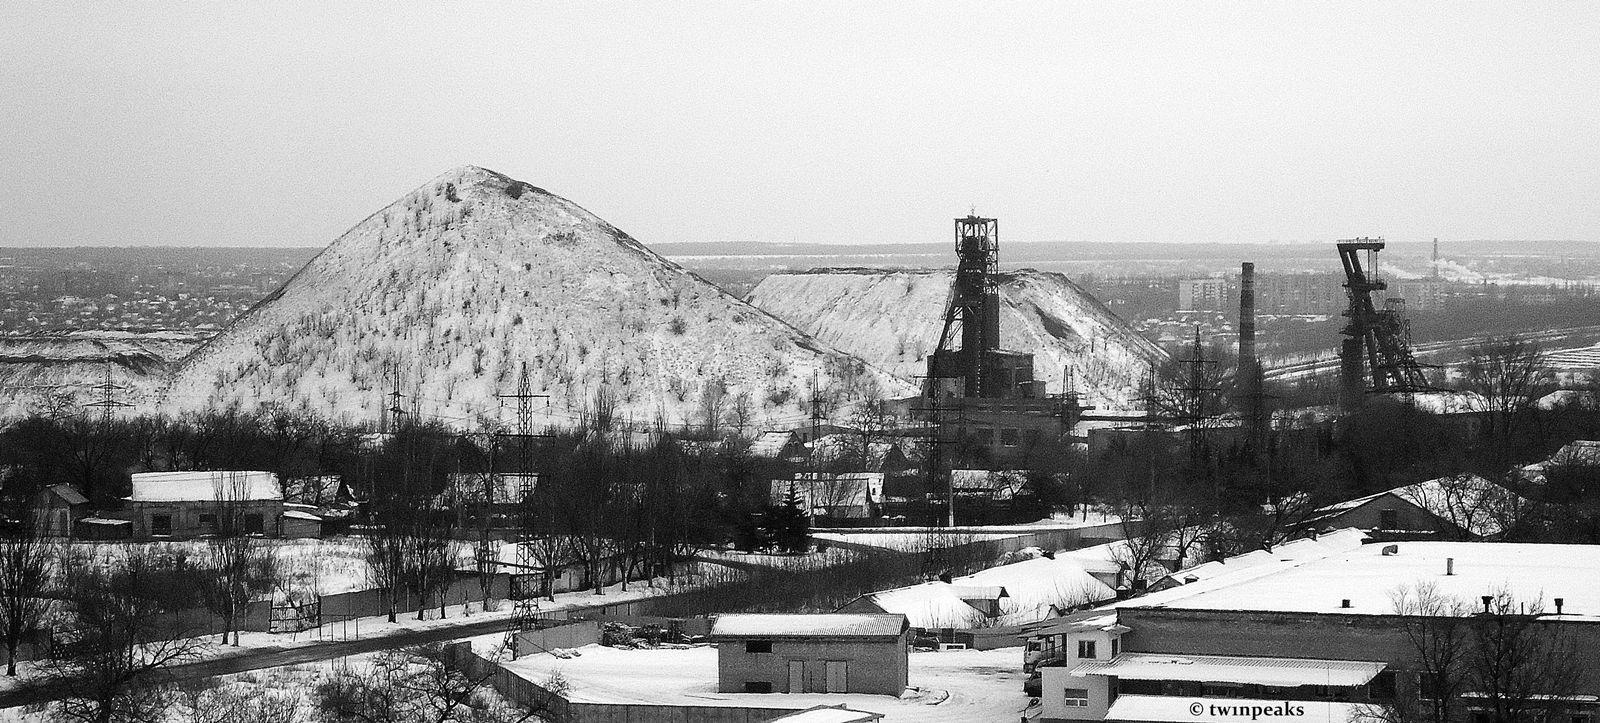 Донбасс накрыла большая катастрофа: ЧП в Горловке зацепит не только Россию, но и Украину, и даже Европу